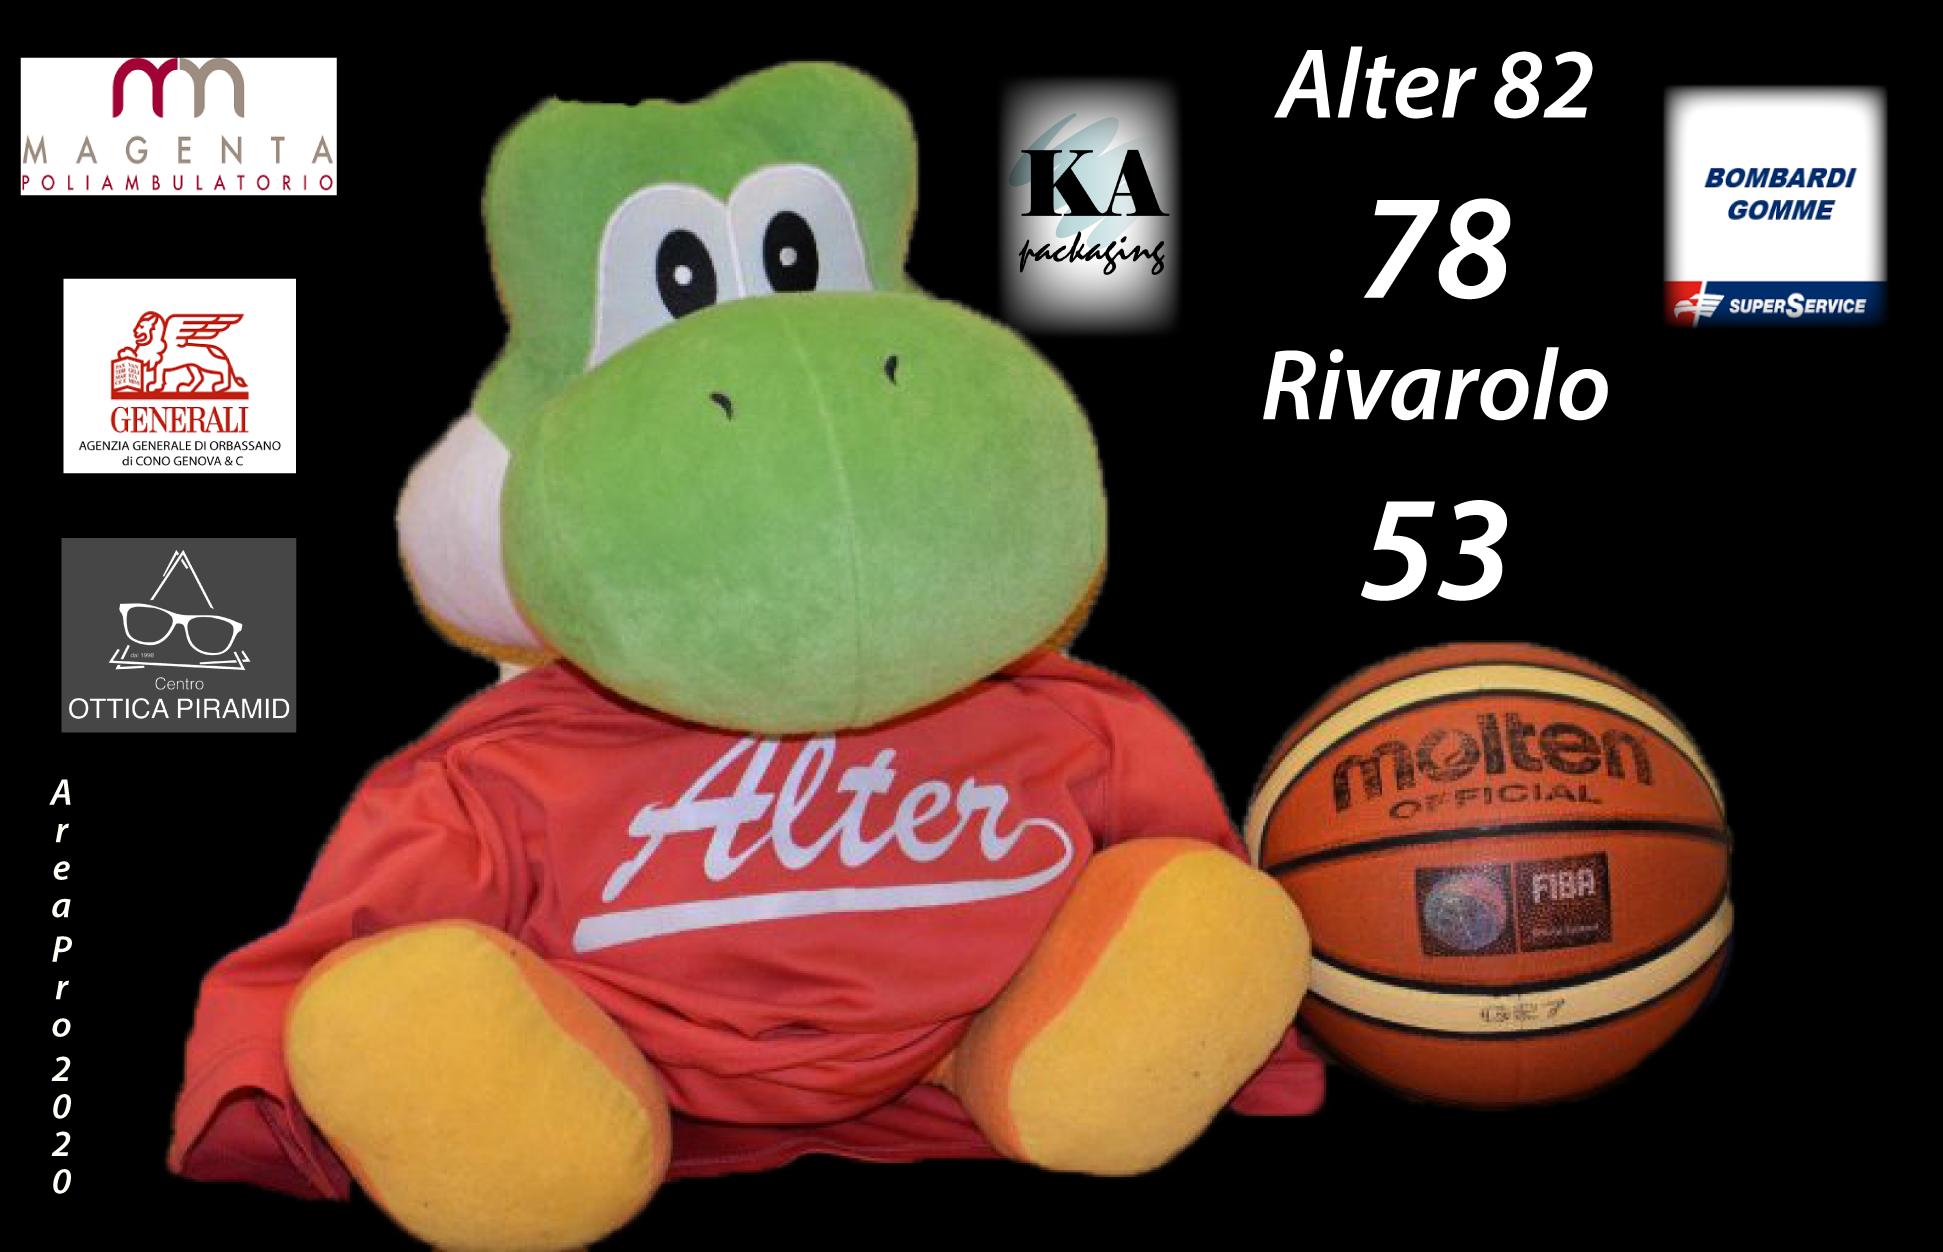 Serie C silver Alter, vince e convince contro Rivarolo